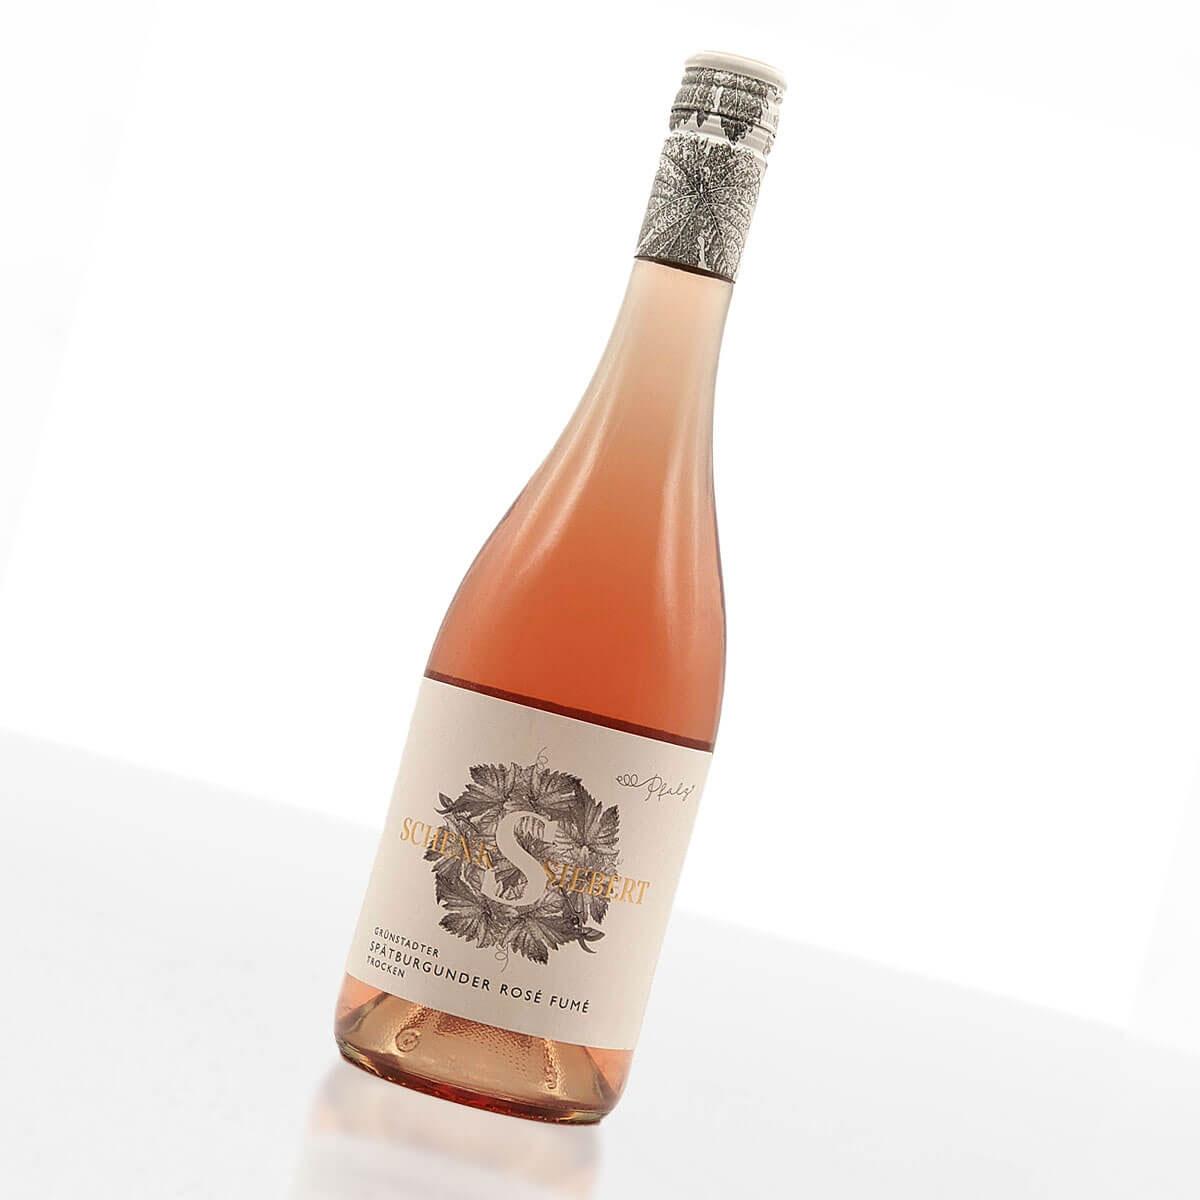 2019 Grünstadter Spätburgunder Rosé Fumé trocken • Weingut Schenk-Siebert